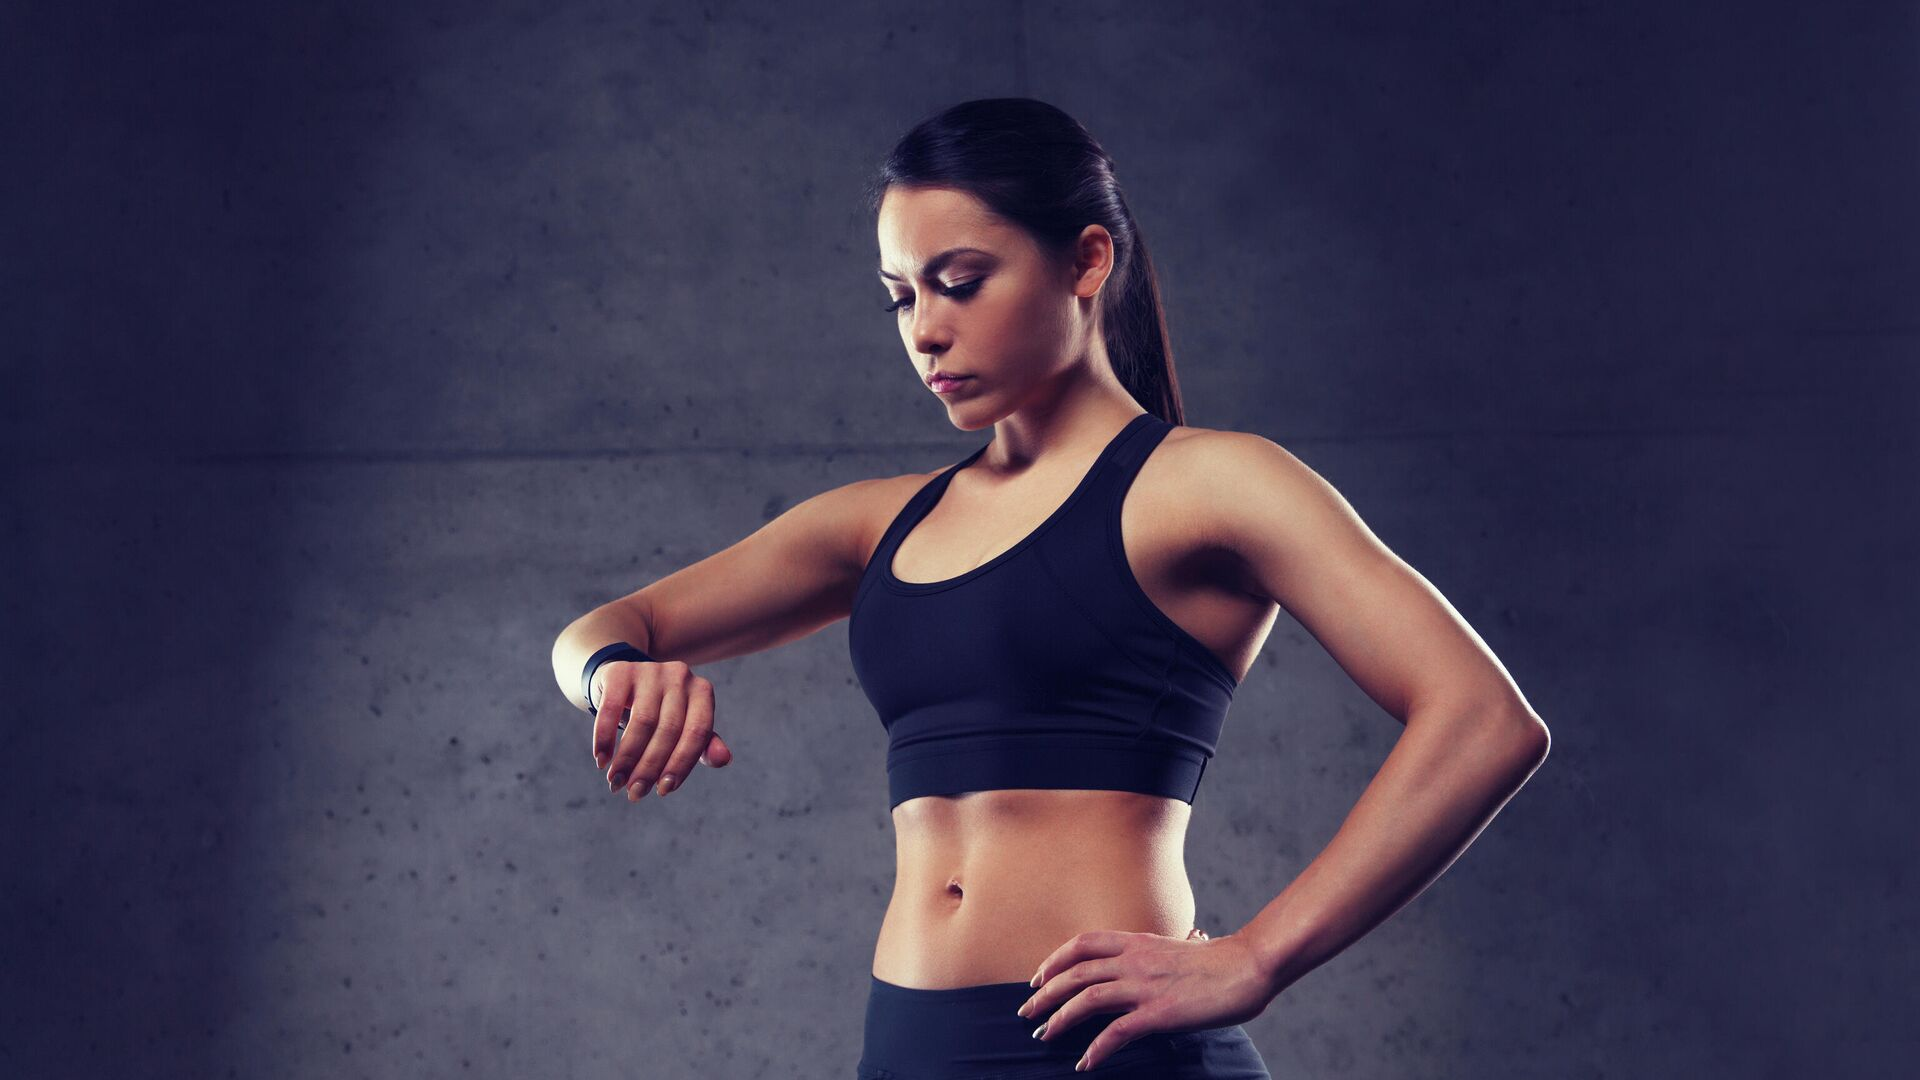 Девушка проверяет пульс на фитнес-браслете - РИА Новости, 1920, 02.01.2021